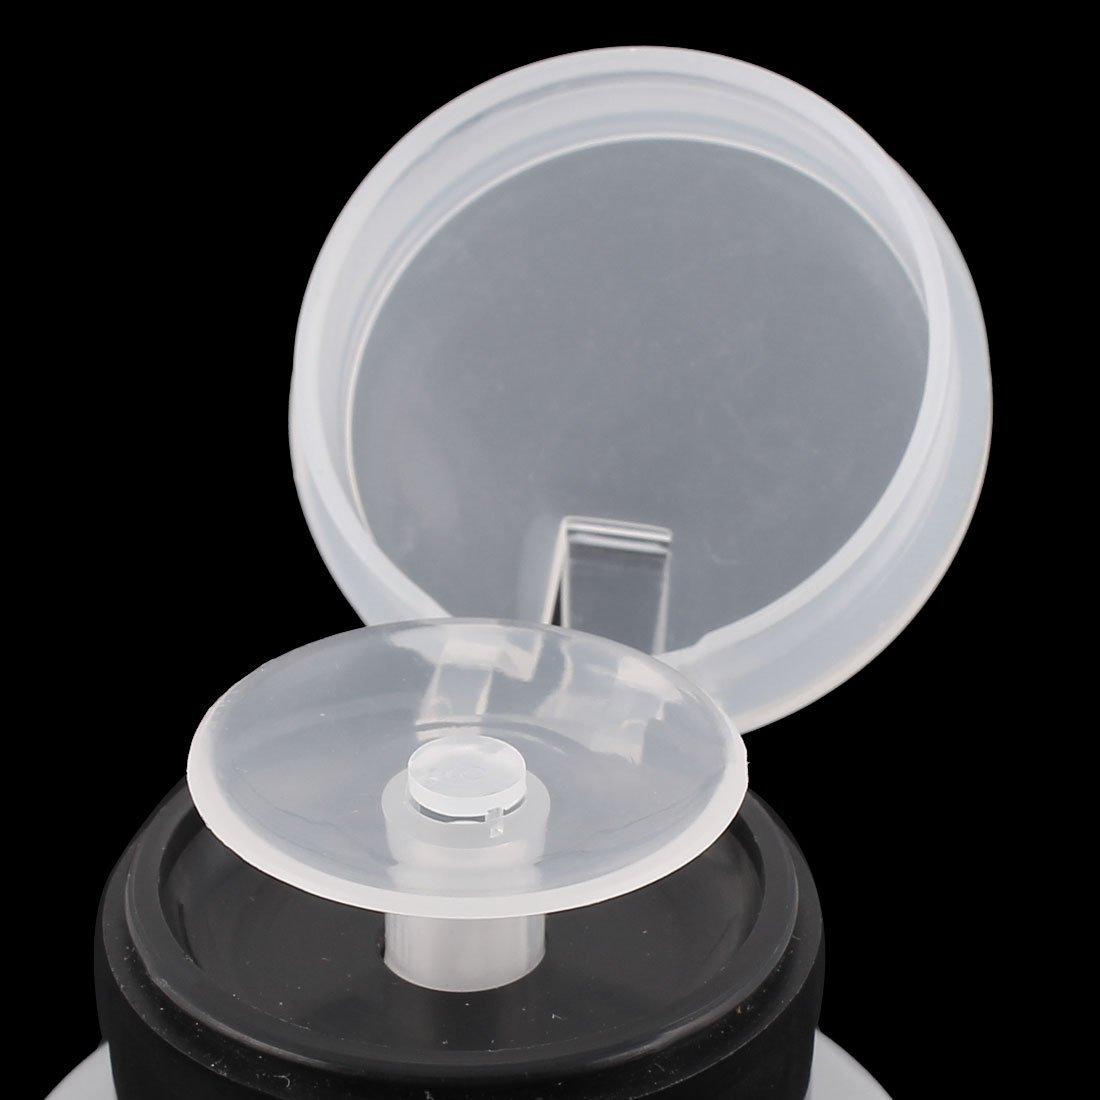 Amazon.com: DealMux Plástico Removedor Nail Art vazio bomba Dispenser Cilindro Black Bottle 160ml: Health & Personal Care